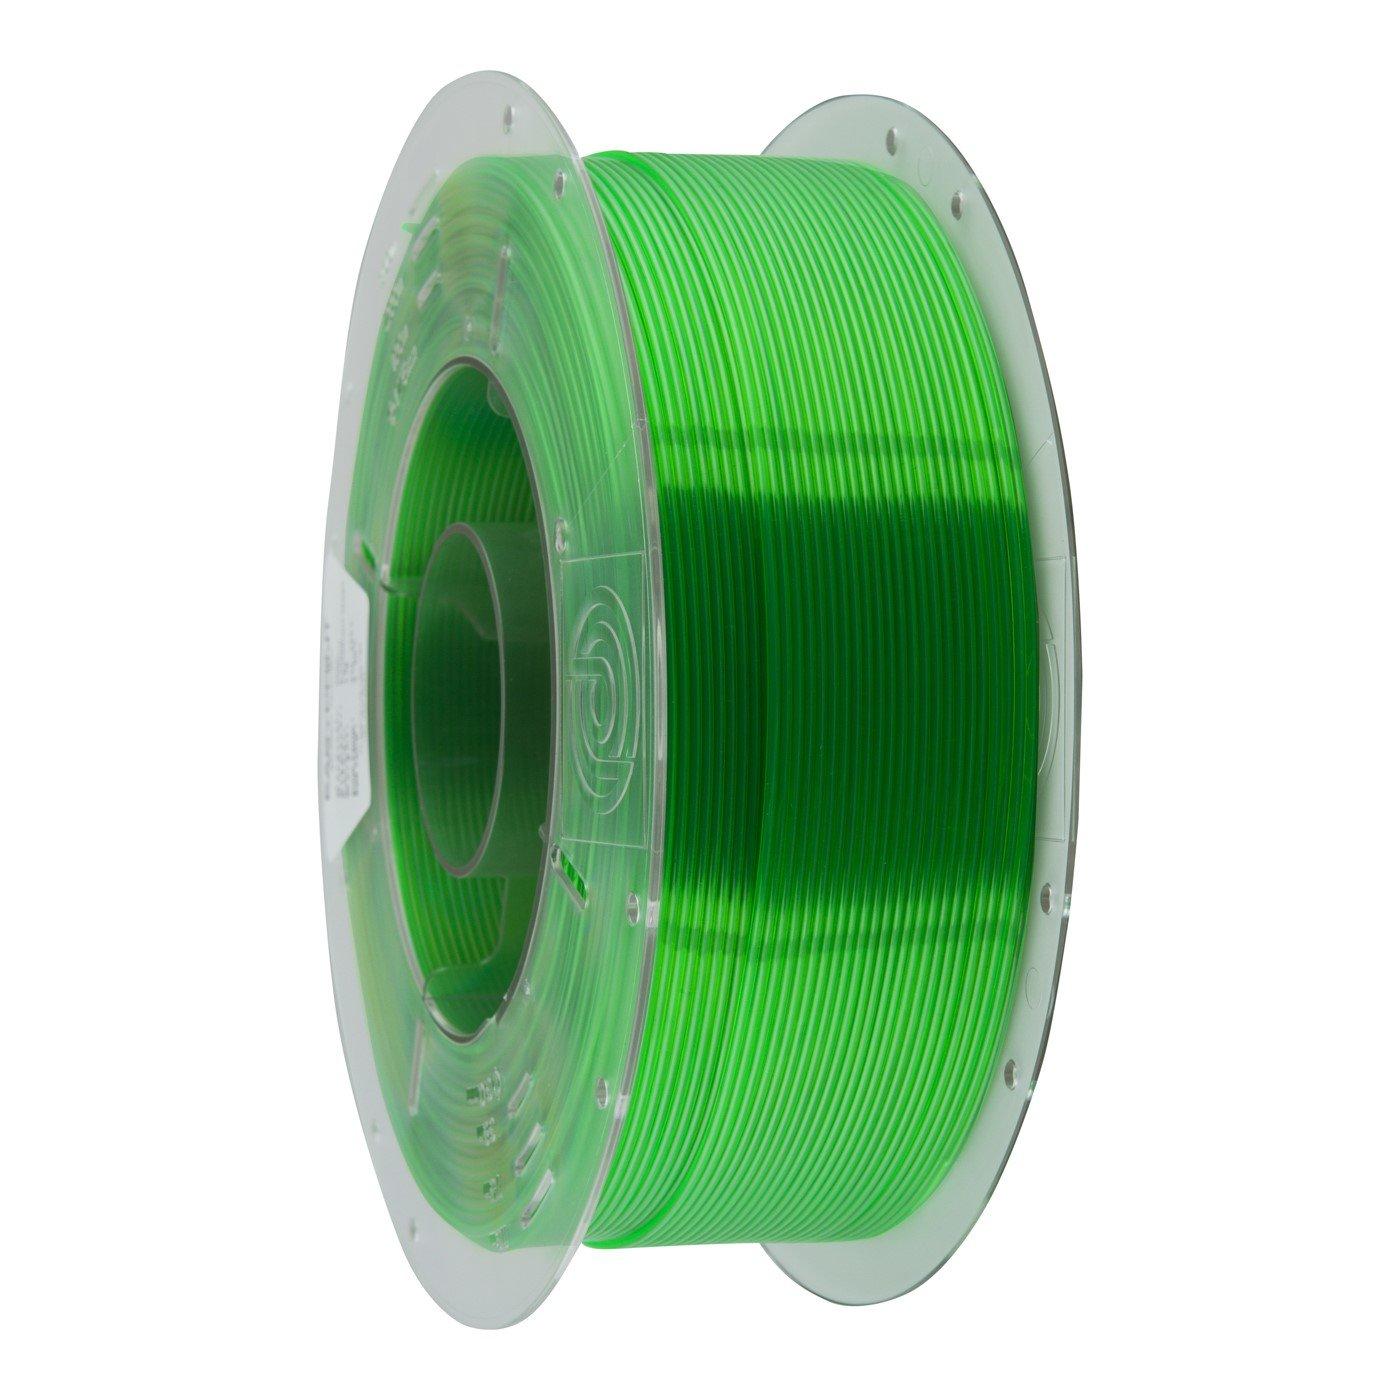 Filamento PETG 1.75mm 1kg COLOR FOTO-1 IMP 3D [7DRR9329]